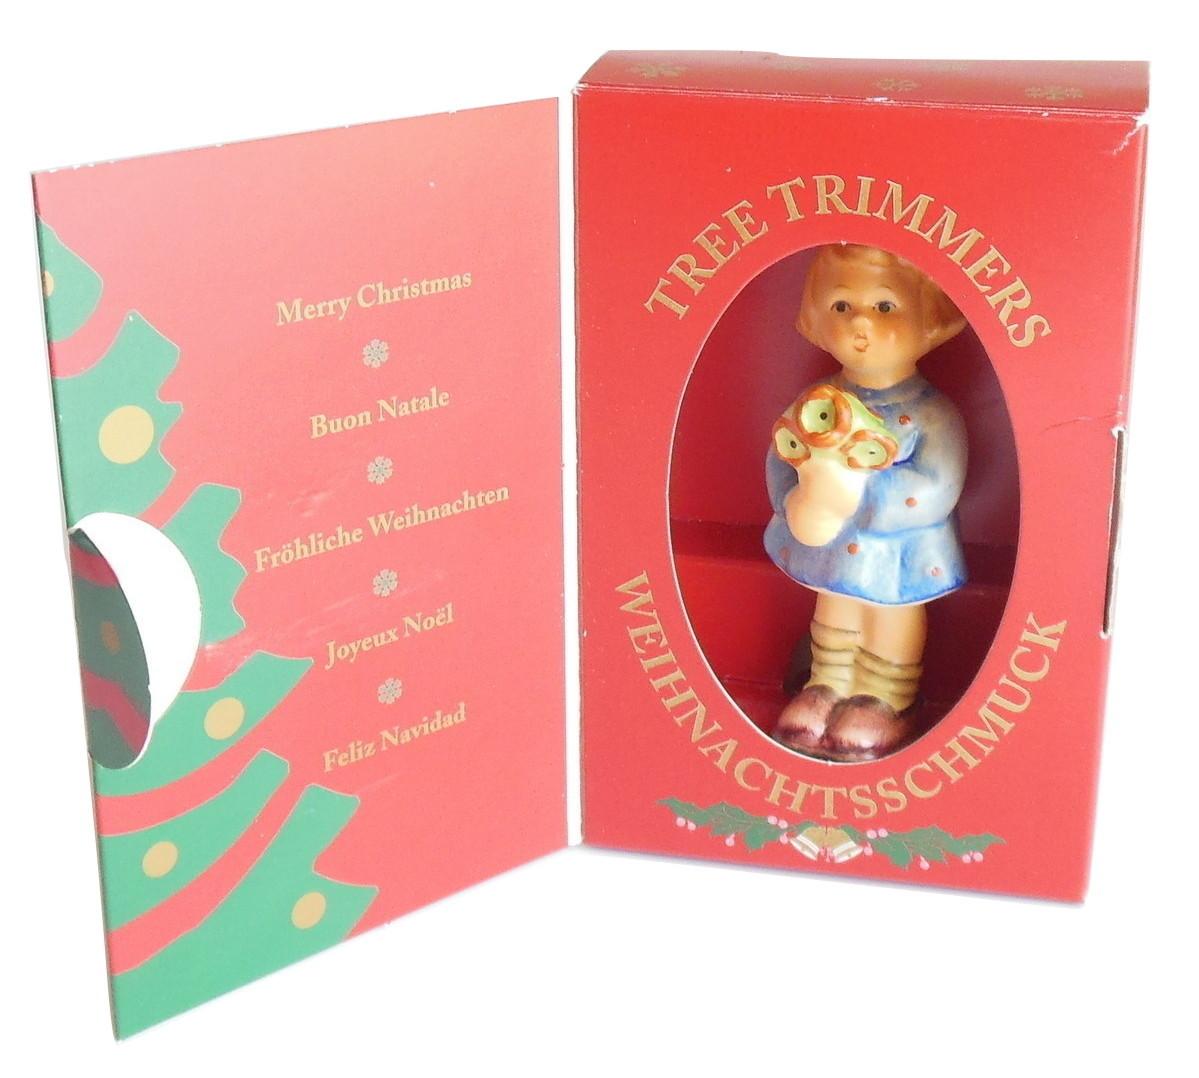 M J Hummel Goebel Germany Christmas Ornament Girl Nosegay 1207 Vintage 1997 - $19.95